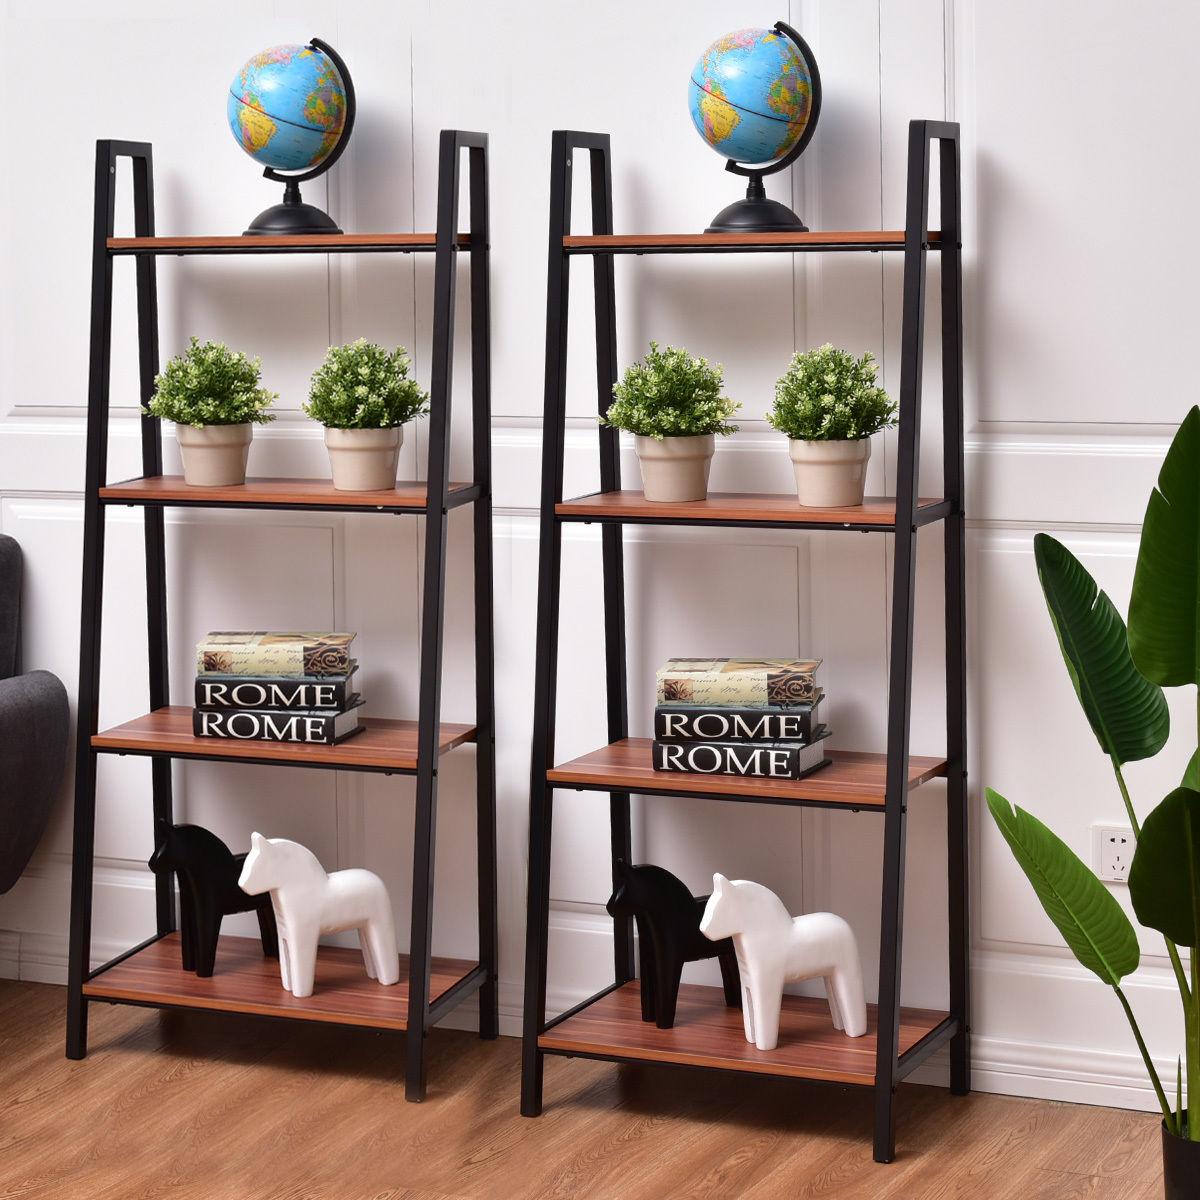 Tier Ladder Storage Bookshelf Ladder Shelf Leaning Bookshelf Slanted Bookshelf Living Room Wall Bookcase